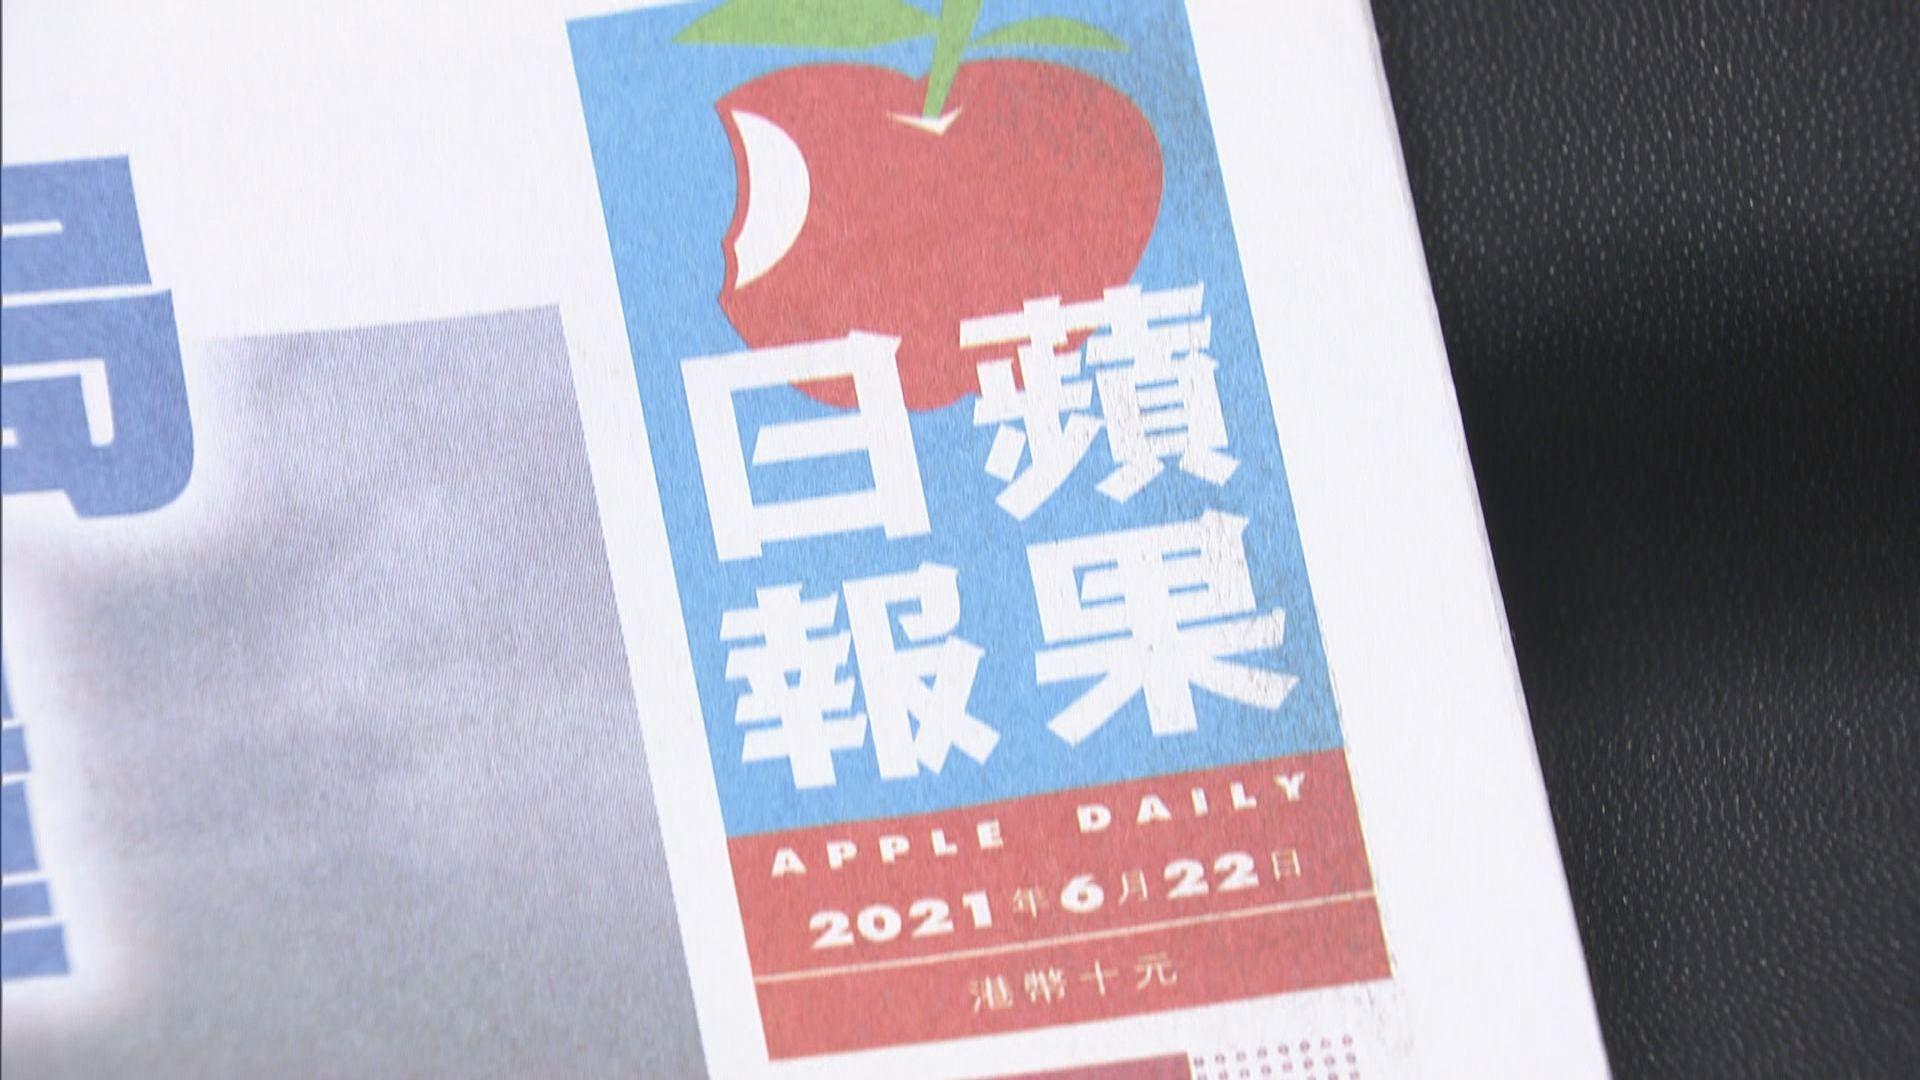 【最後一份】蘋果日報明日預計發行100萬份 有員工收拾離開